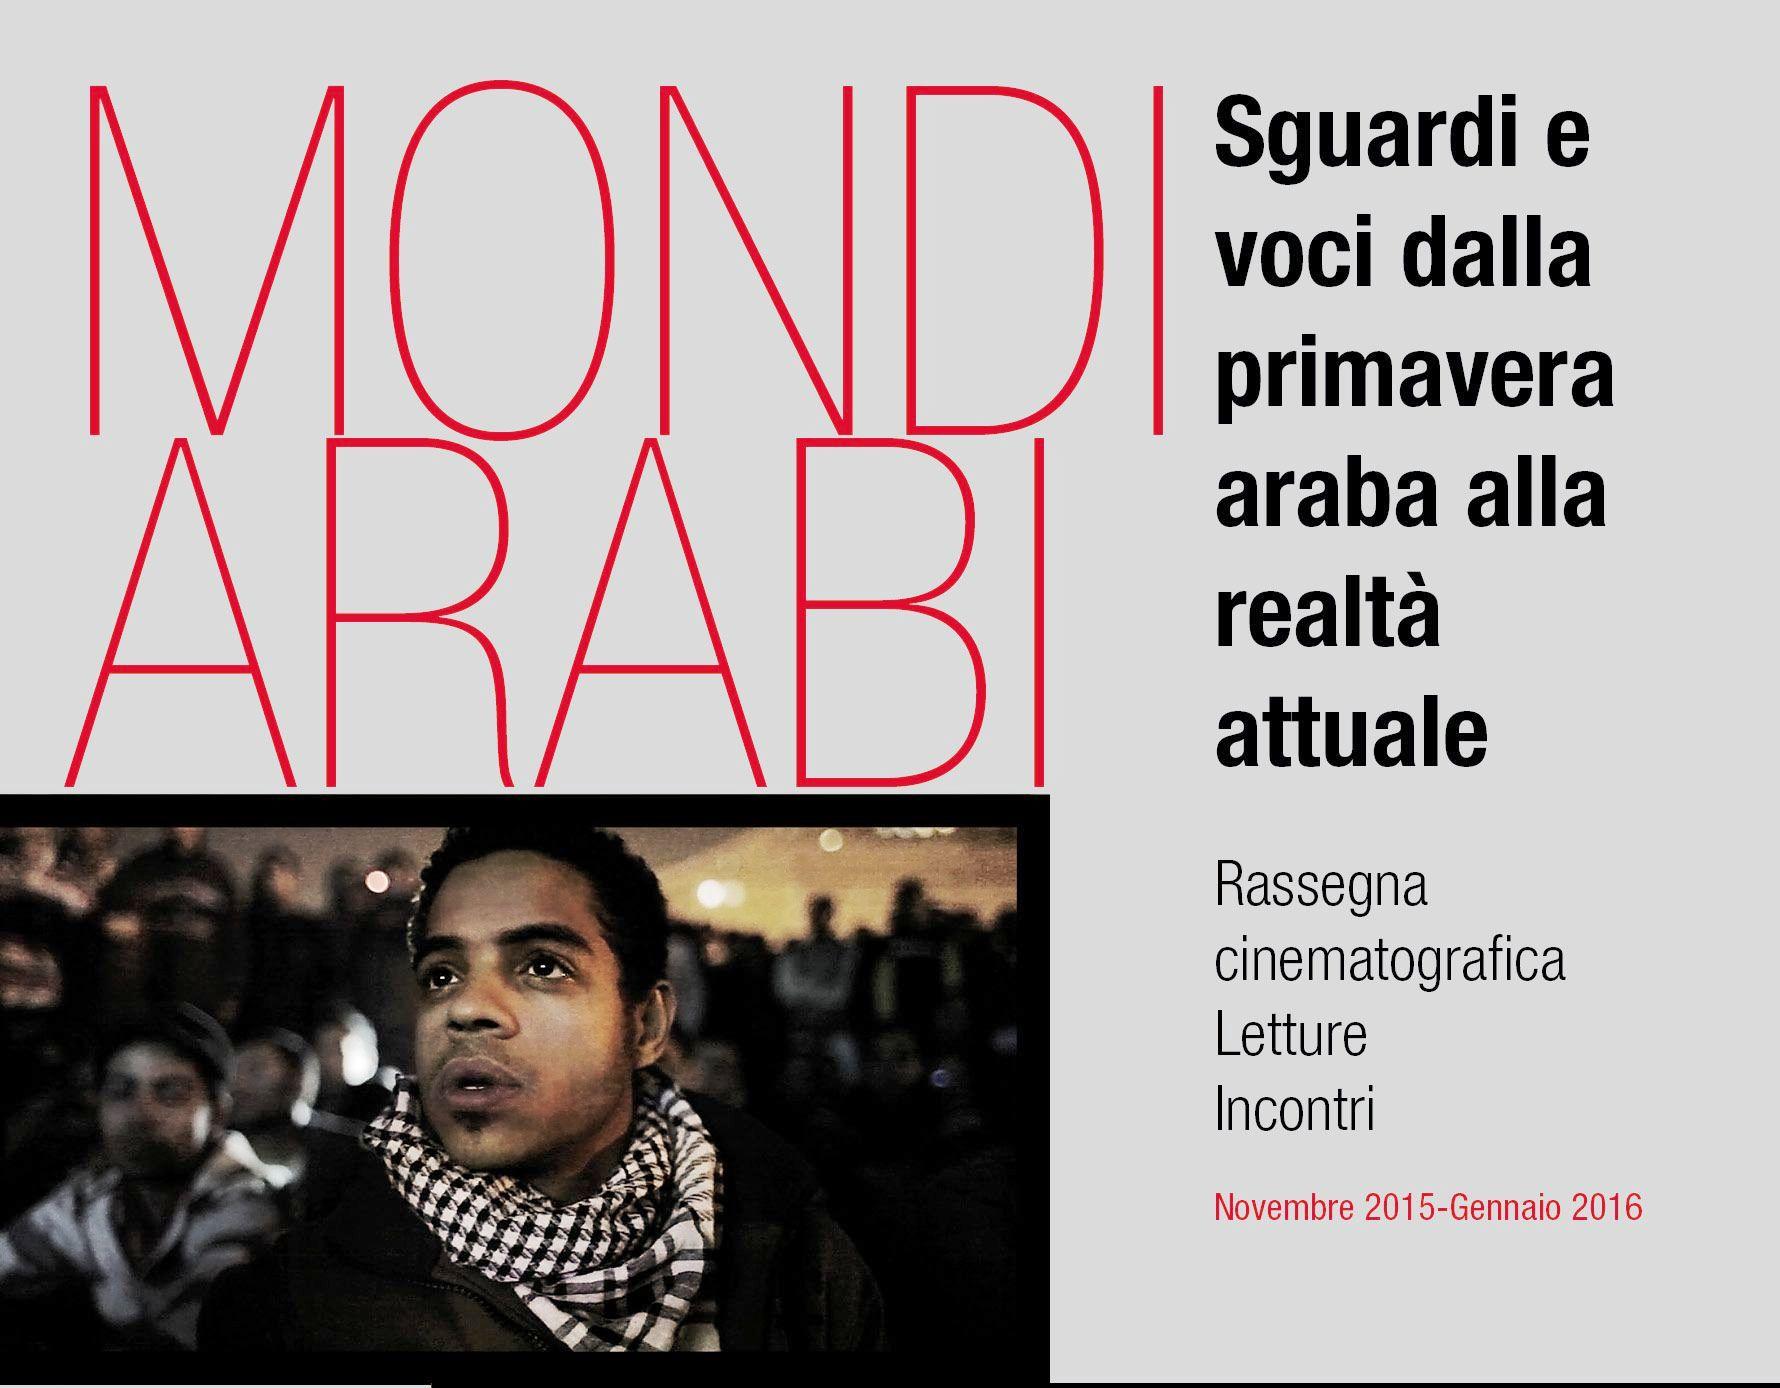 """Carpi. Rassegna cinematografica, """"Mondi arabi"""", domenica 6 dicembre: """"Un mondo dove soffia un vento di libertà""""."""